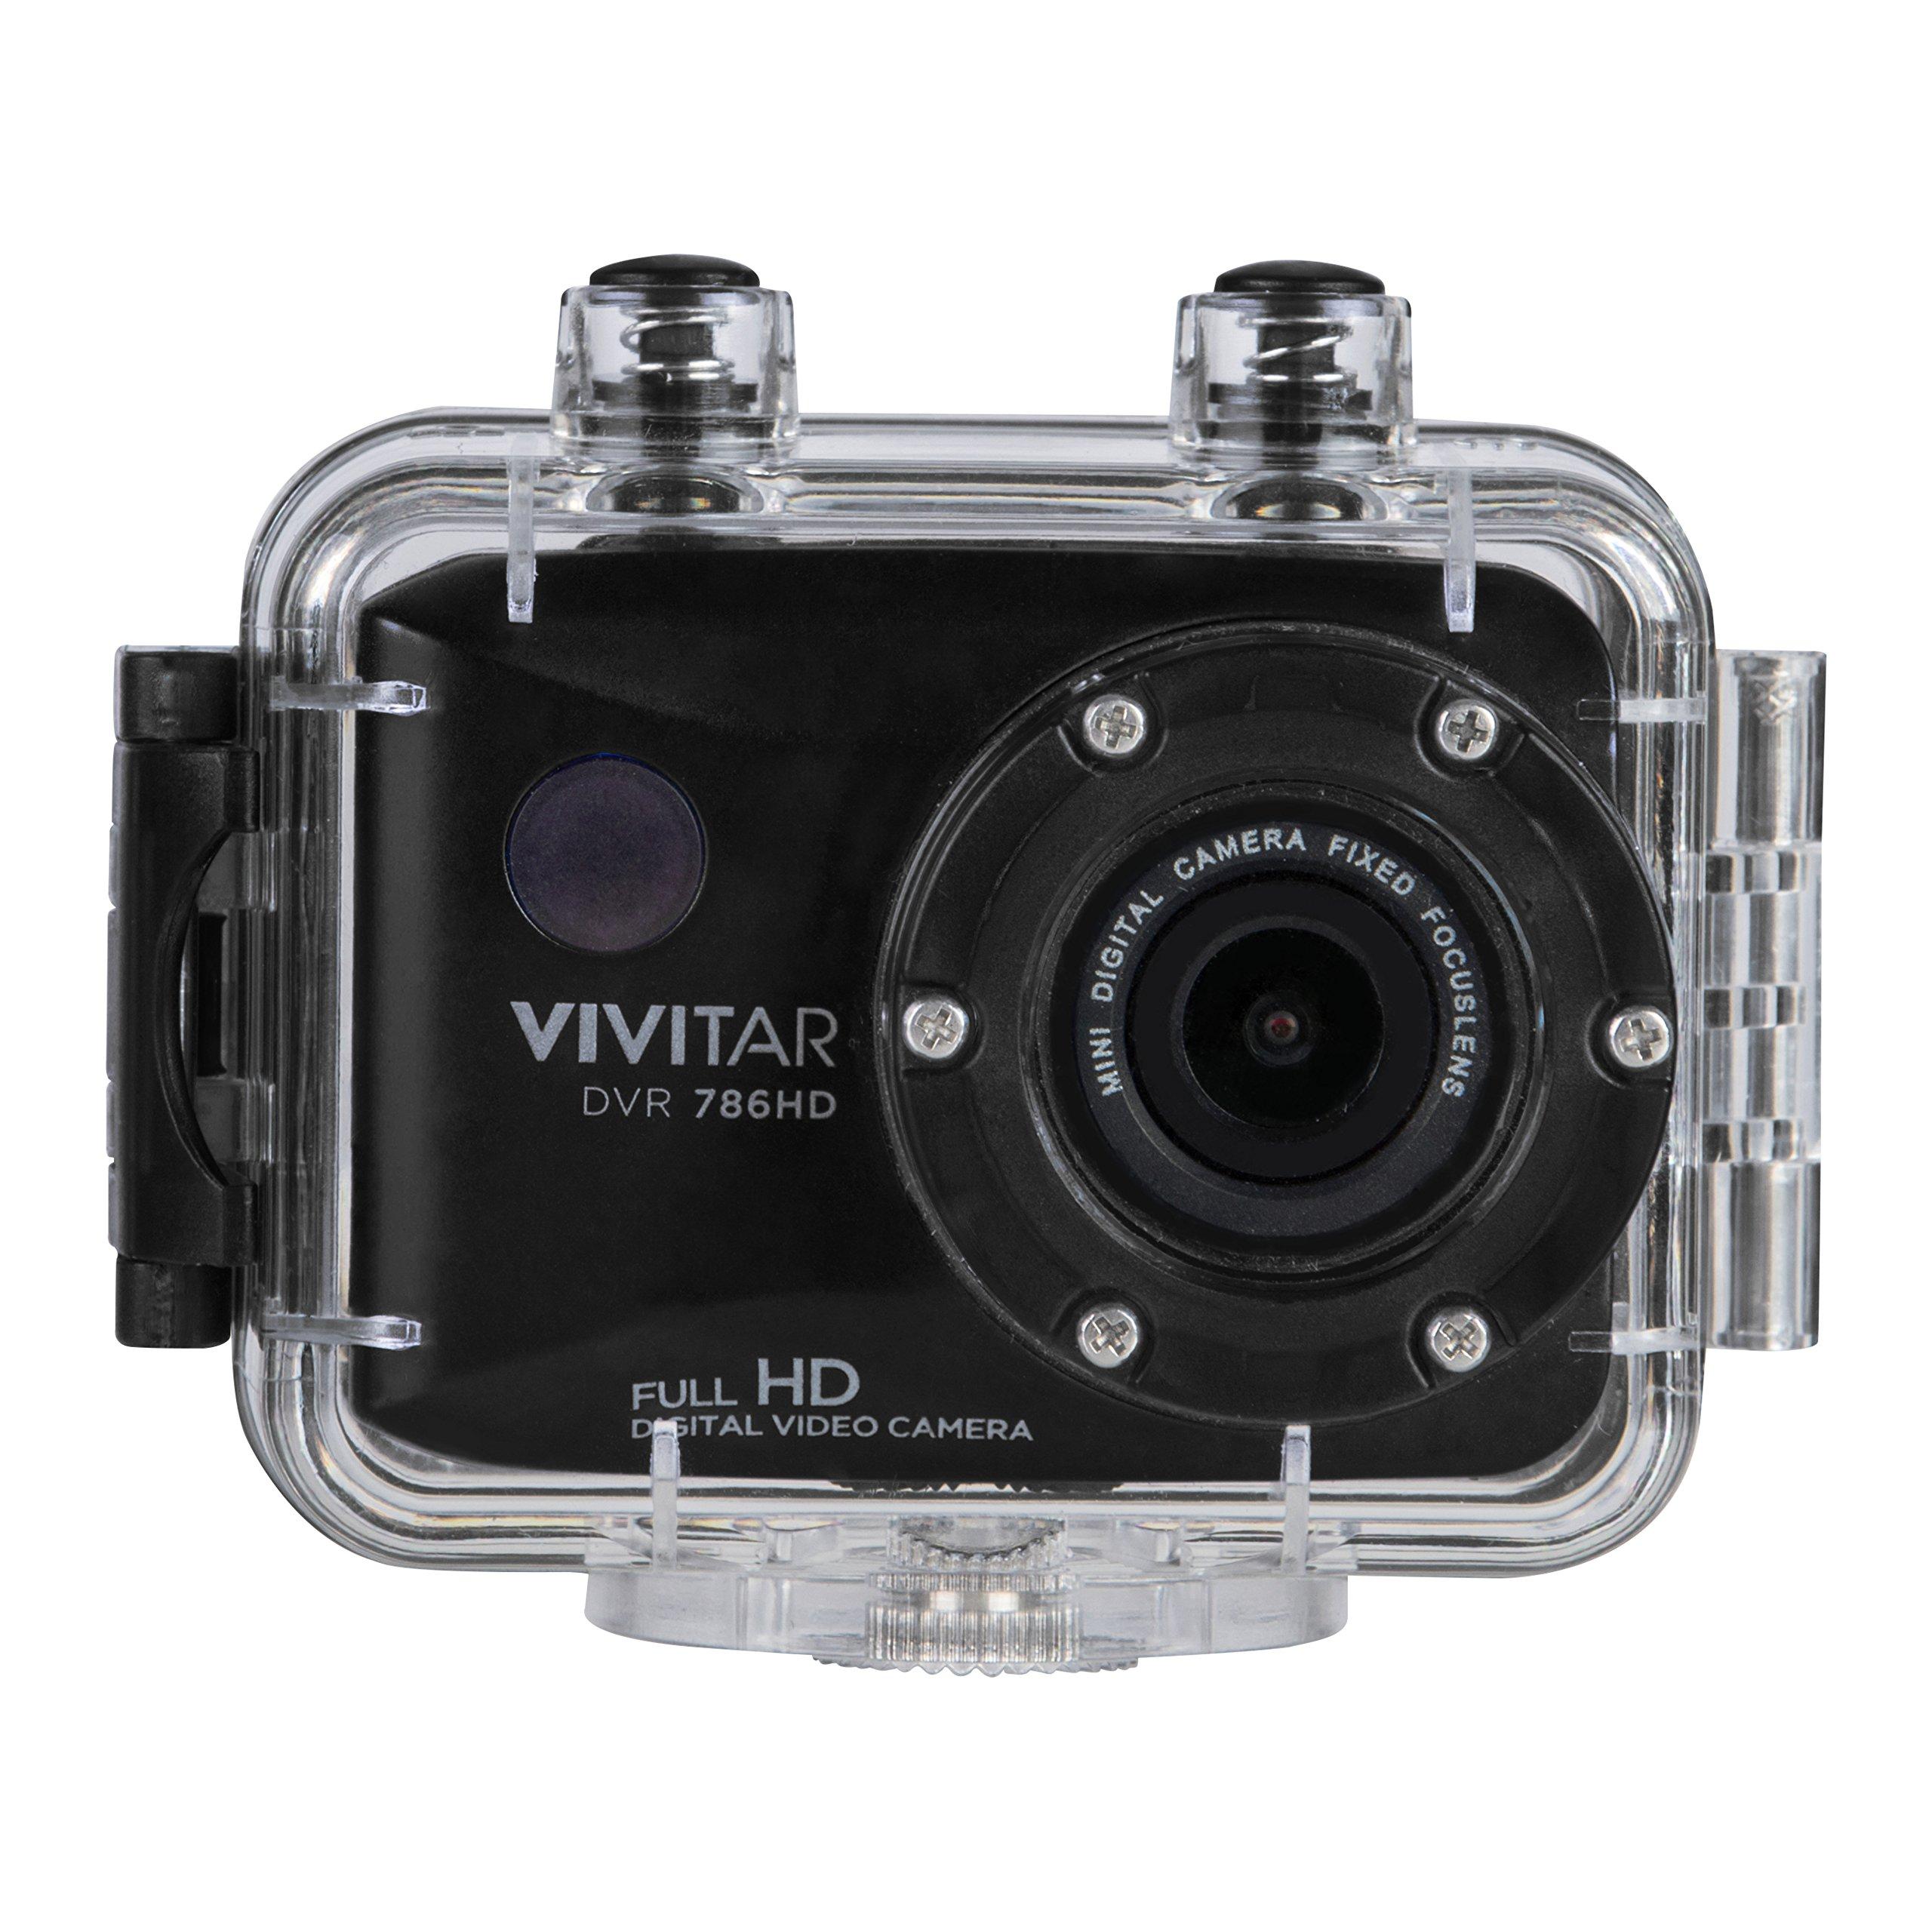 Vivitar Full HD Action Camera, DVR786HD-BLK by Vivitar